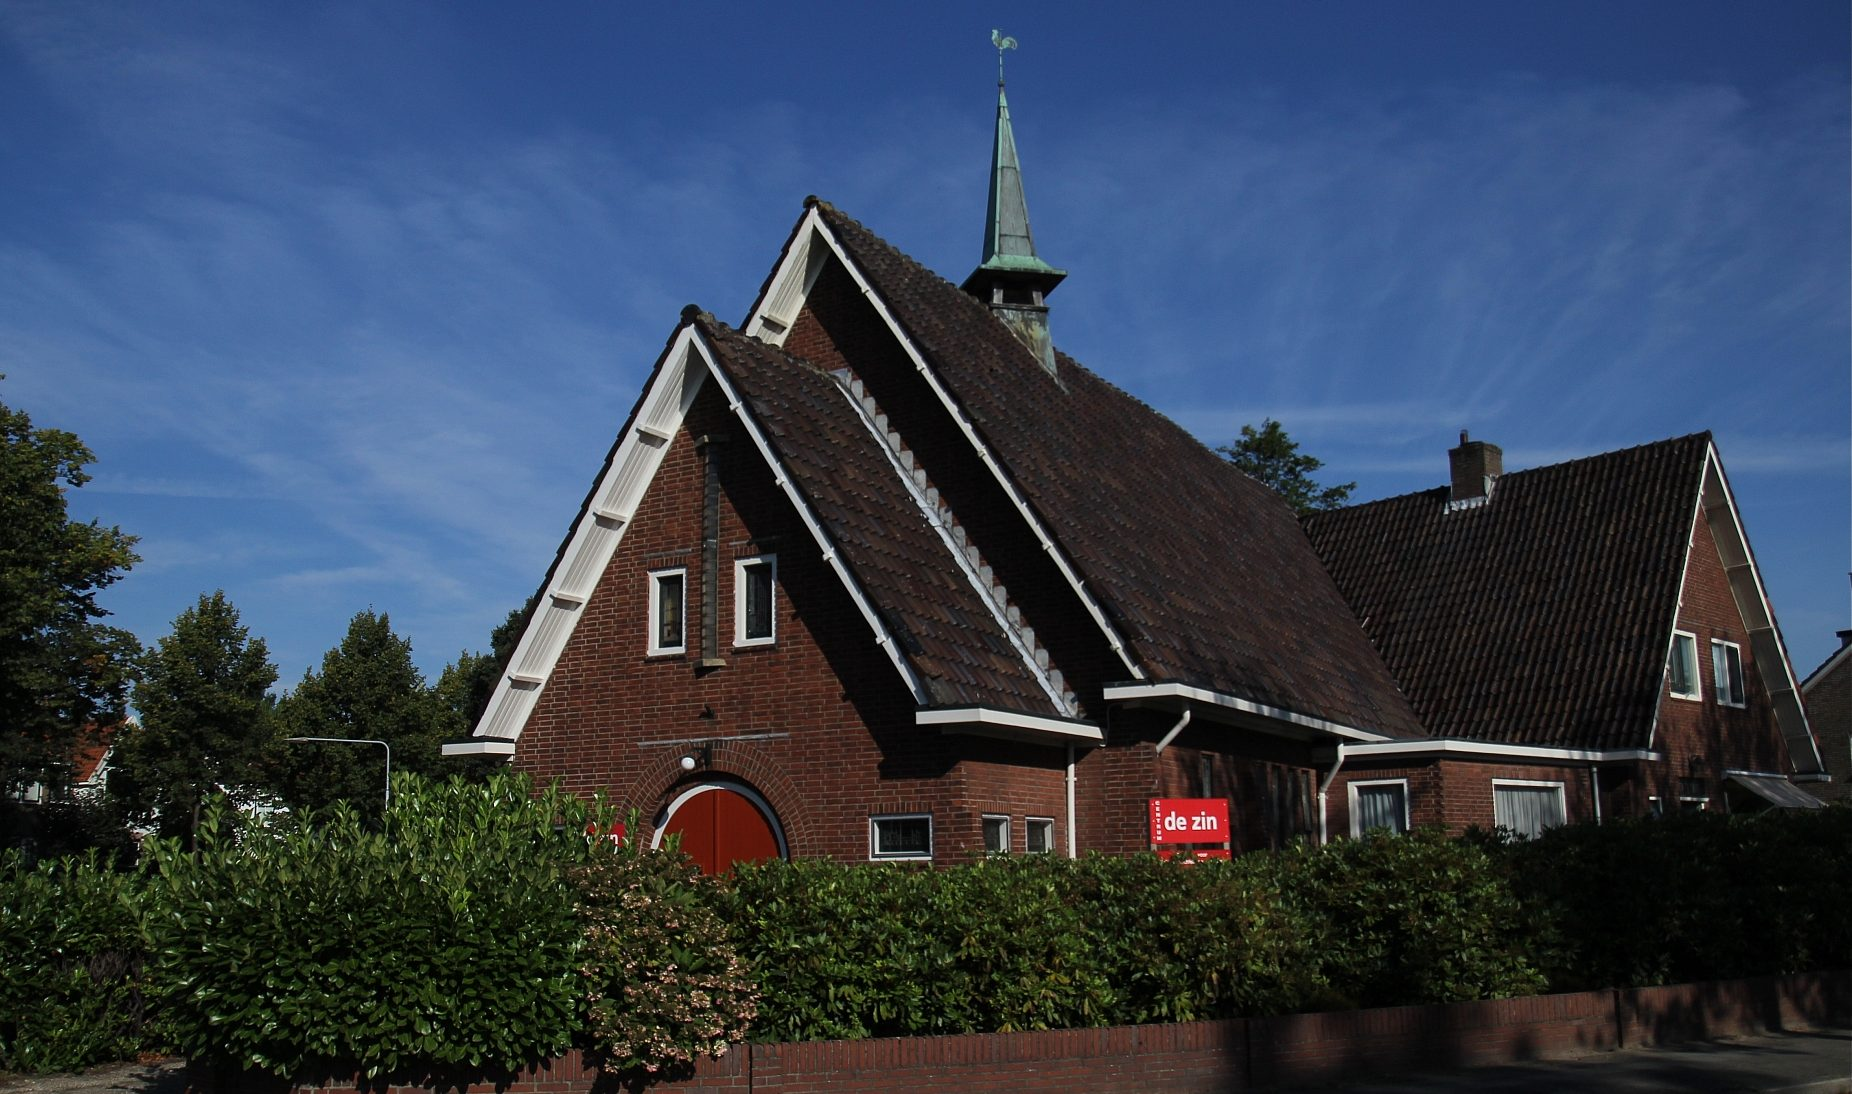 Centrum De Zin Harderwijk